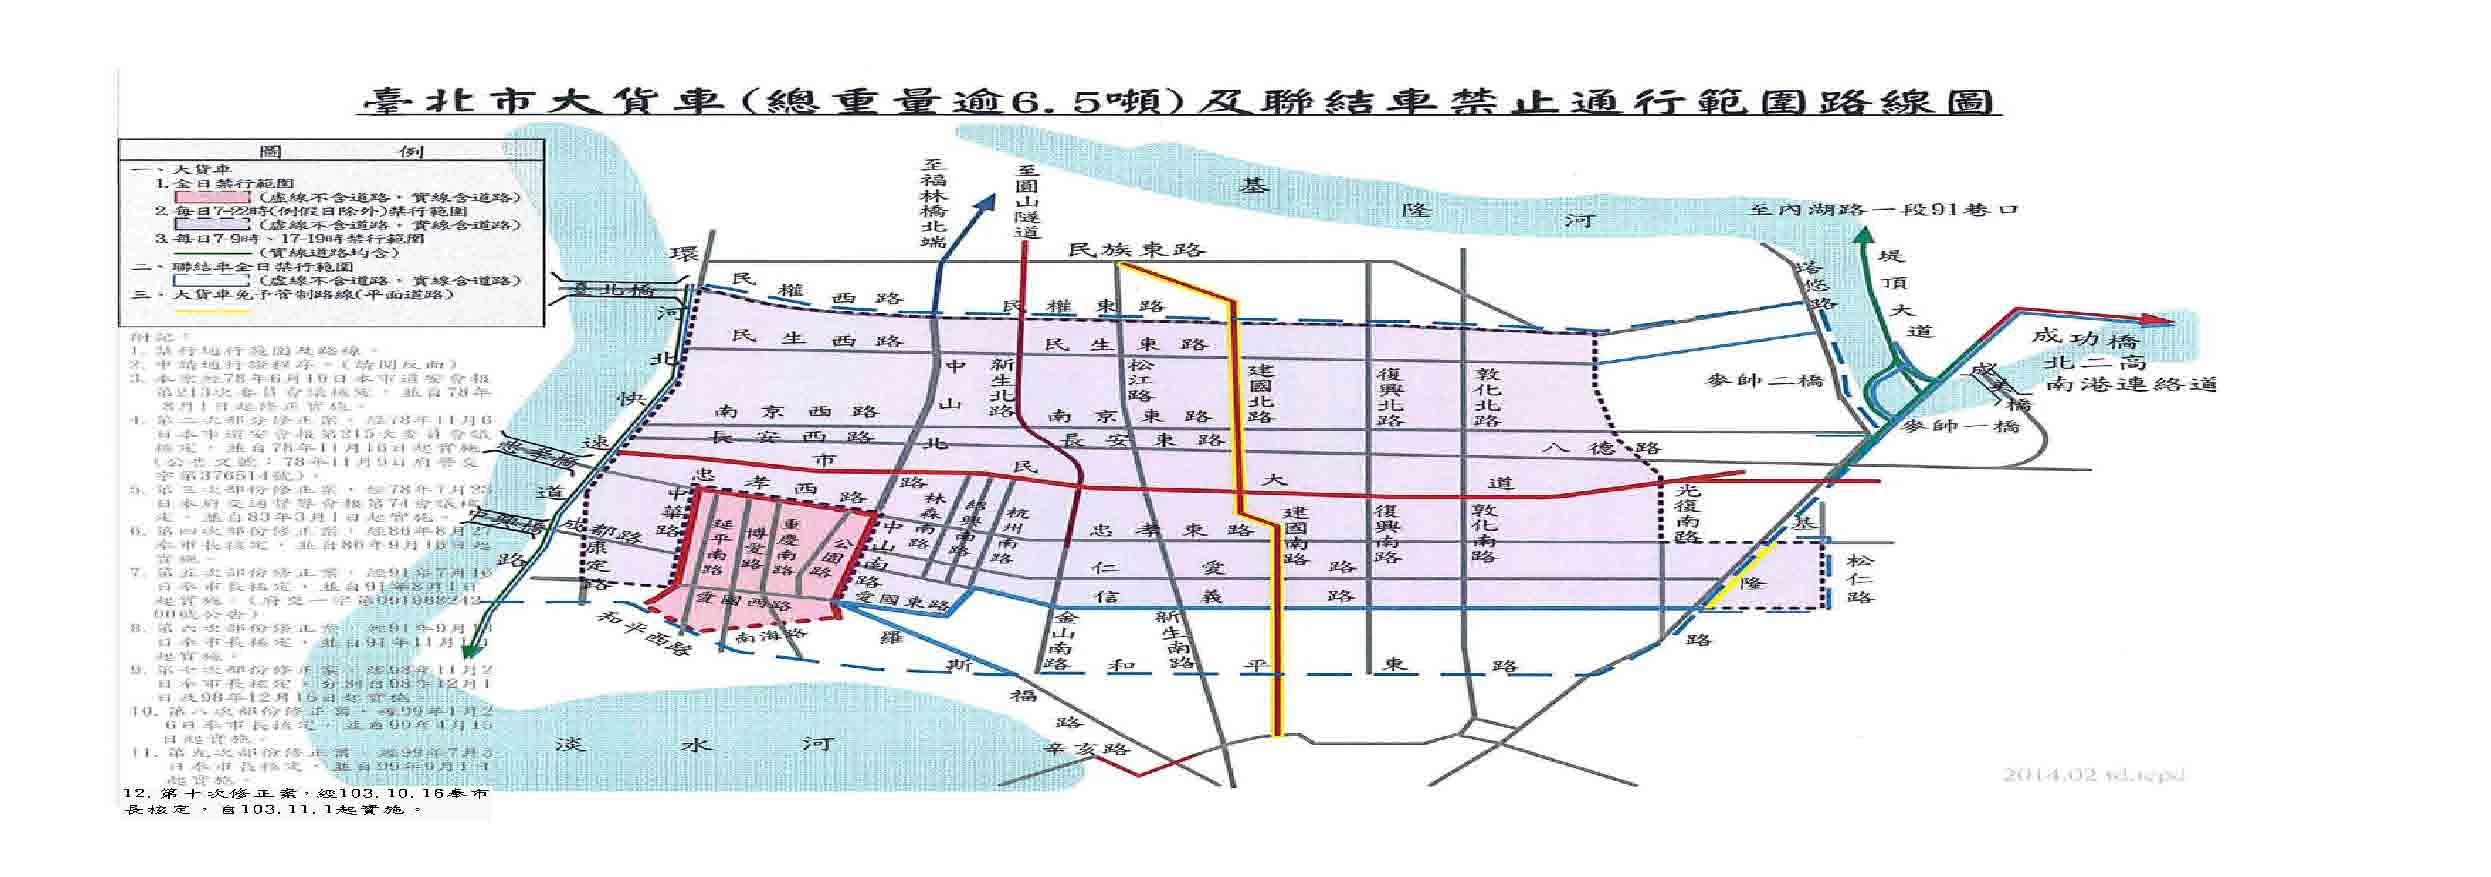 臺北市大貨車(總重量逾6.5噸)及聯結車禁止通行範圍路線圖